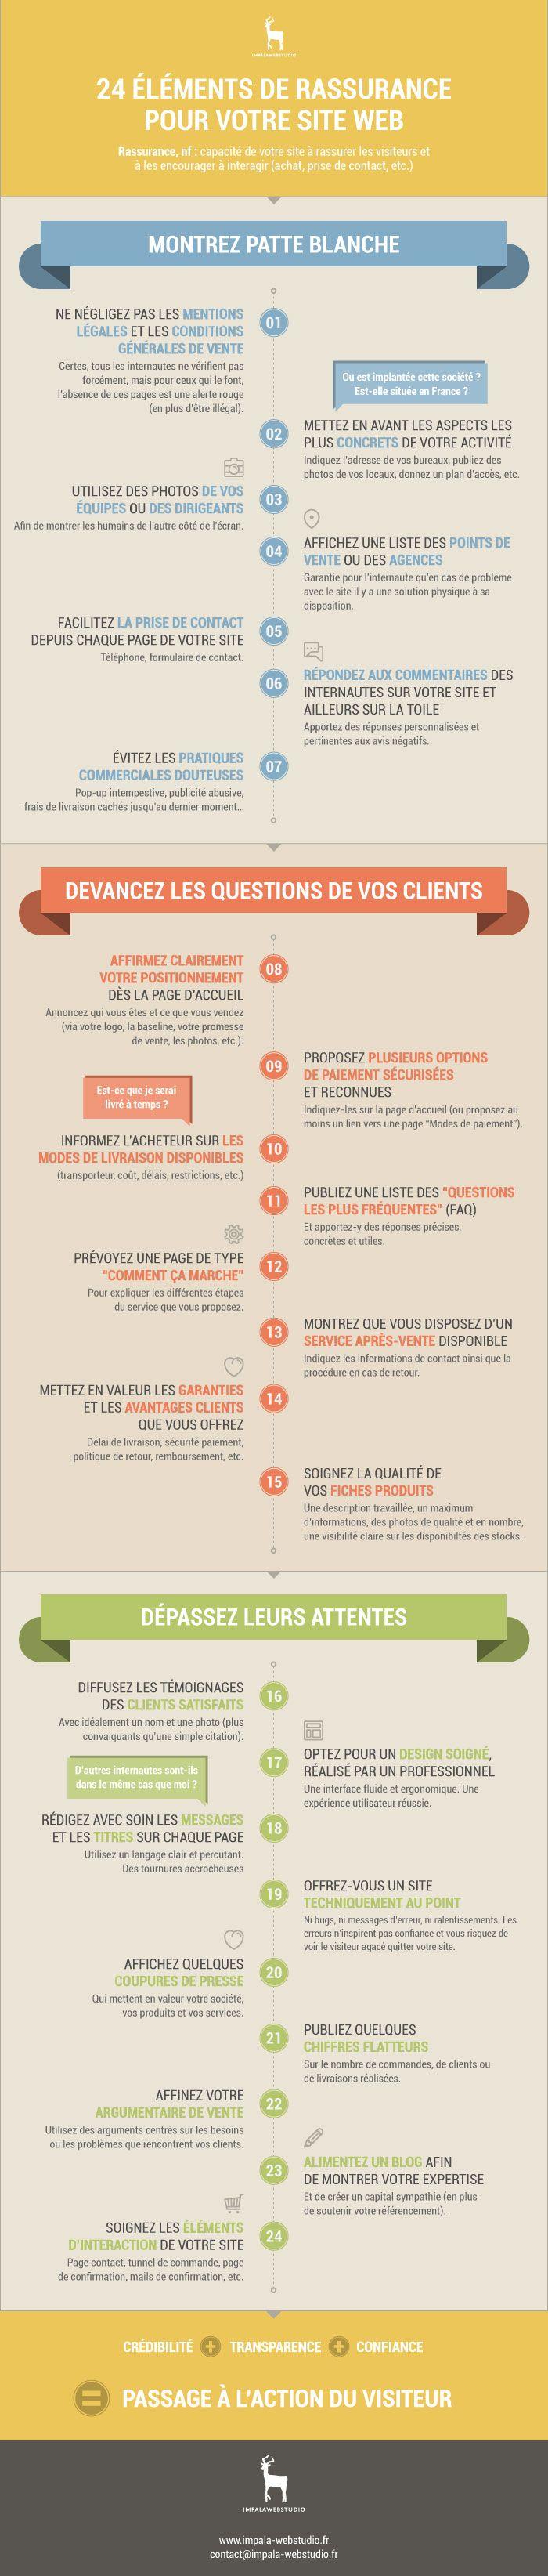 """Infographie : """"24 réflexes pour maximiser la rassurance de votre site internet"""" par Impala Webstudio. http://blog.impala-webstudio.fr/rassurance-infographie#lire"""